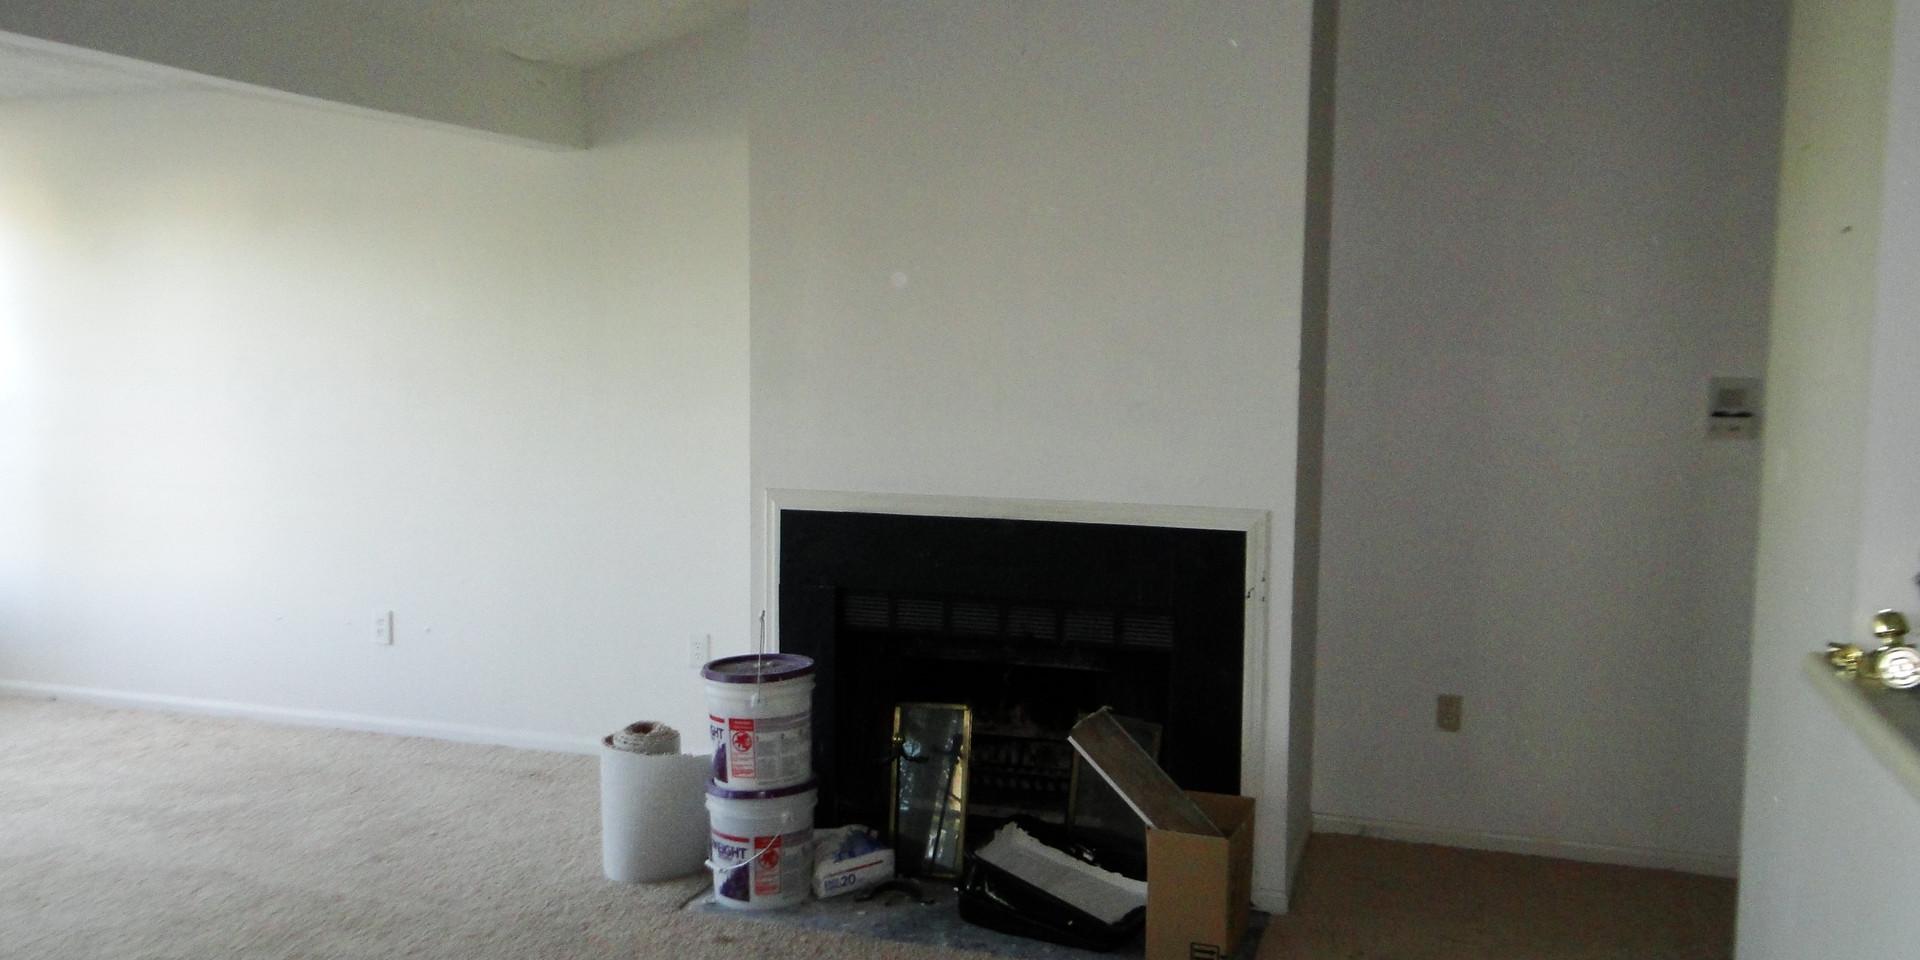 02 - Living Room 5.JPG